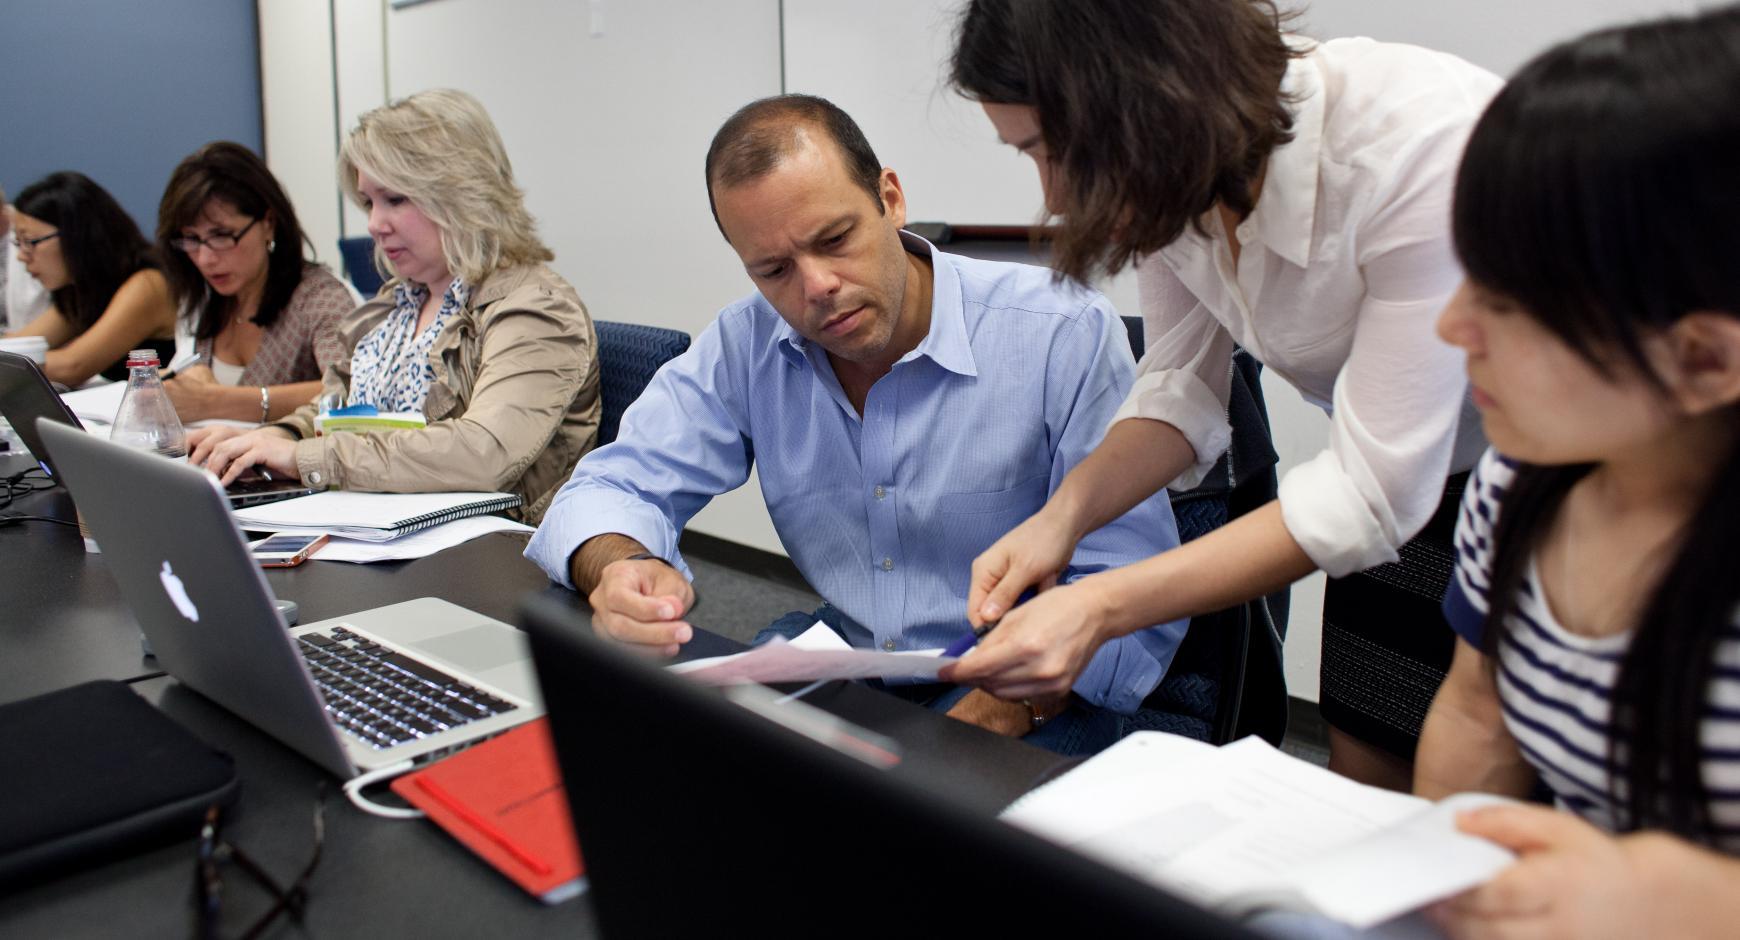 Dr. Heilig's education class in the Sanchez building